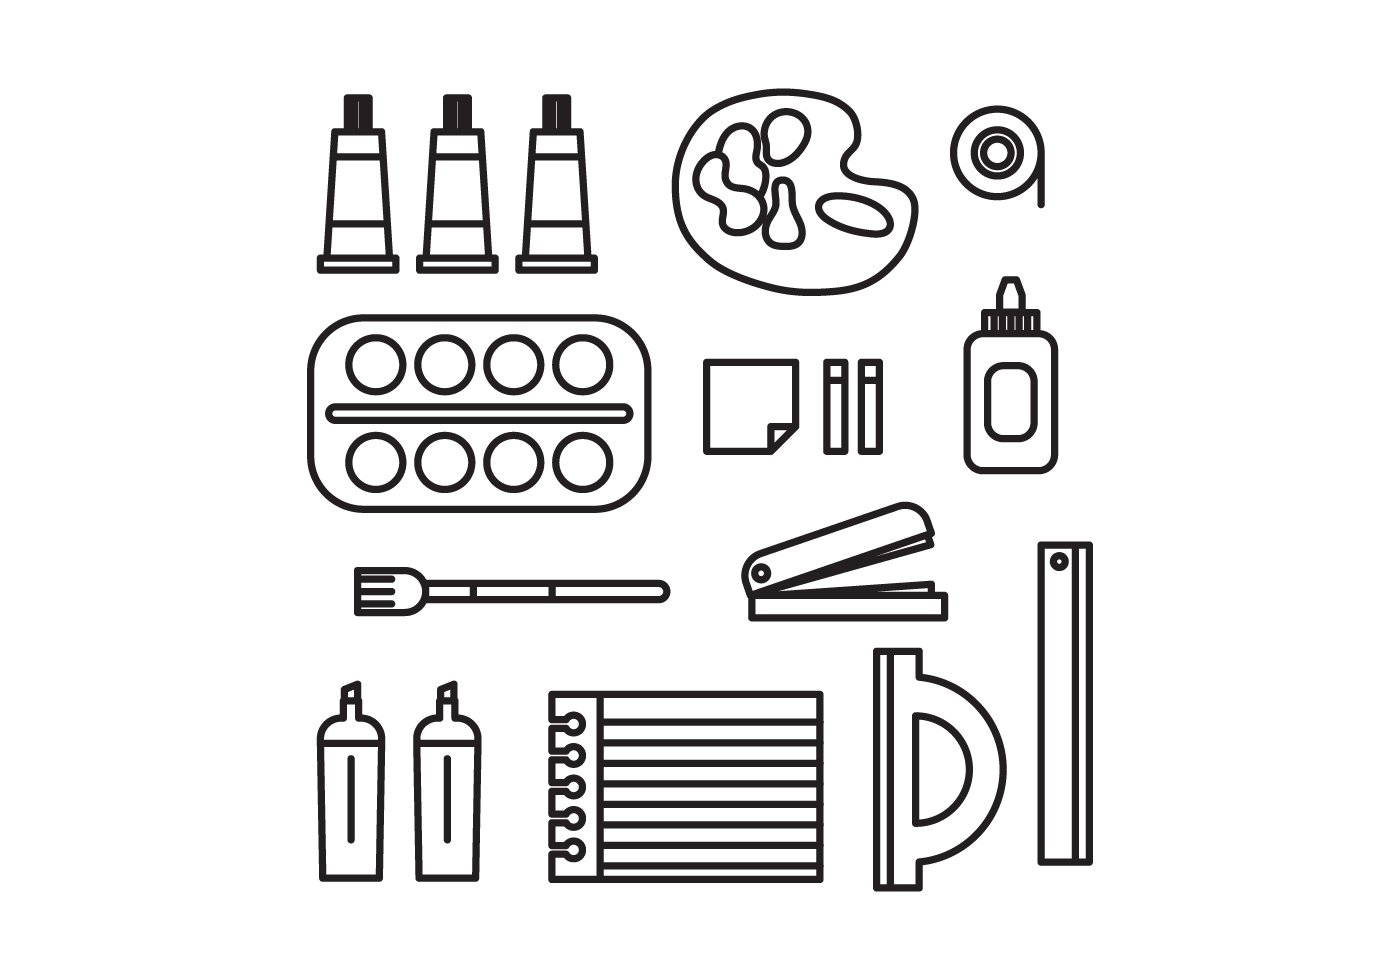 Set Of Tools For Artists Vectors - Download Free Vector ...